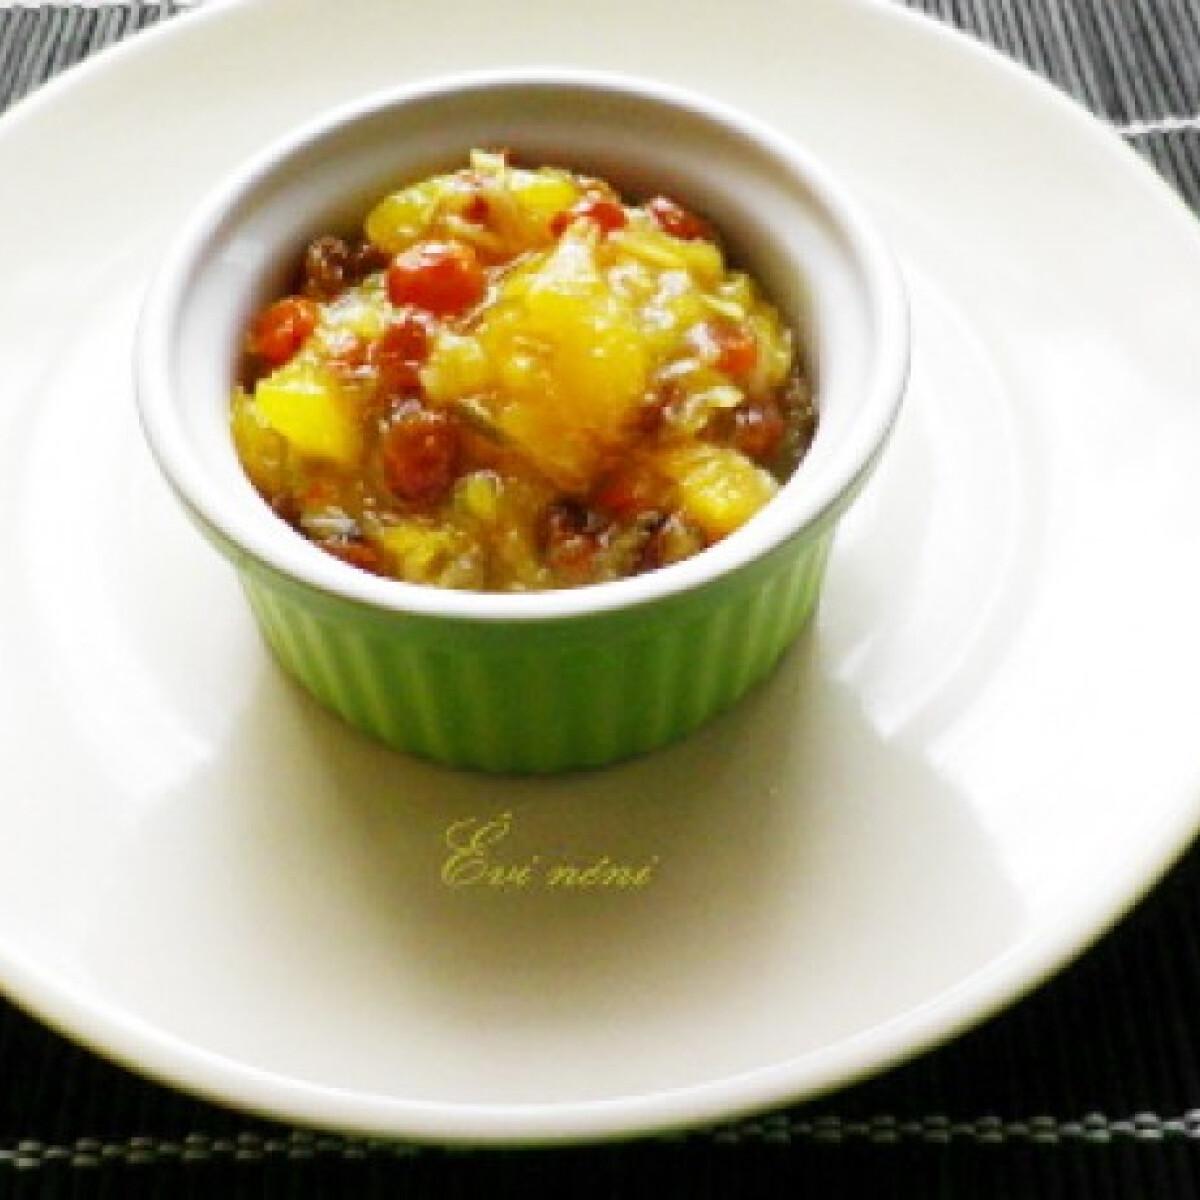 Zöldcitrom-mangó chutney